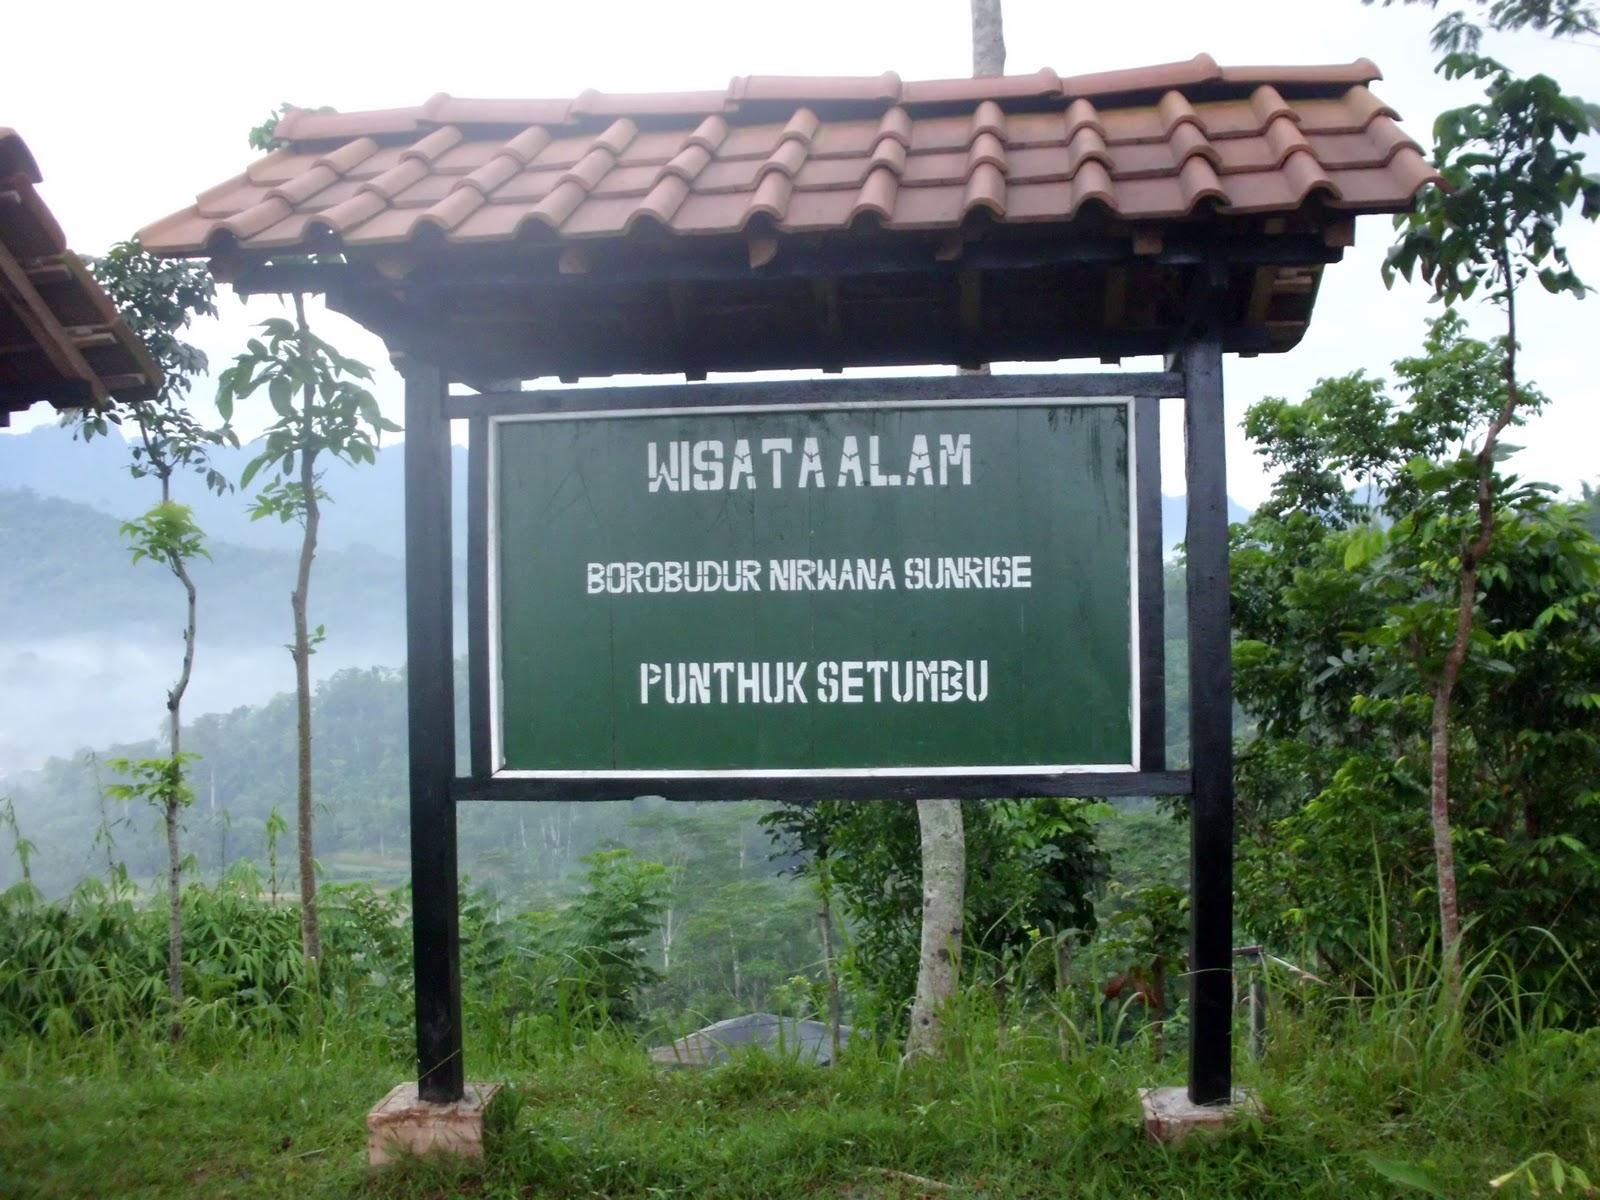 Magelang Wisata Yogyakarta Part 4 Punthuk Setumbu Menikmati Sisi Lain